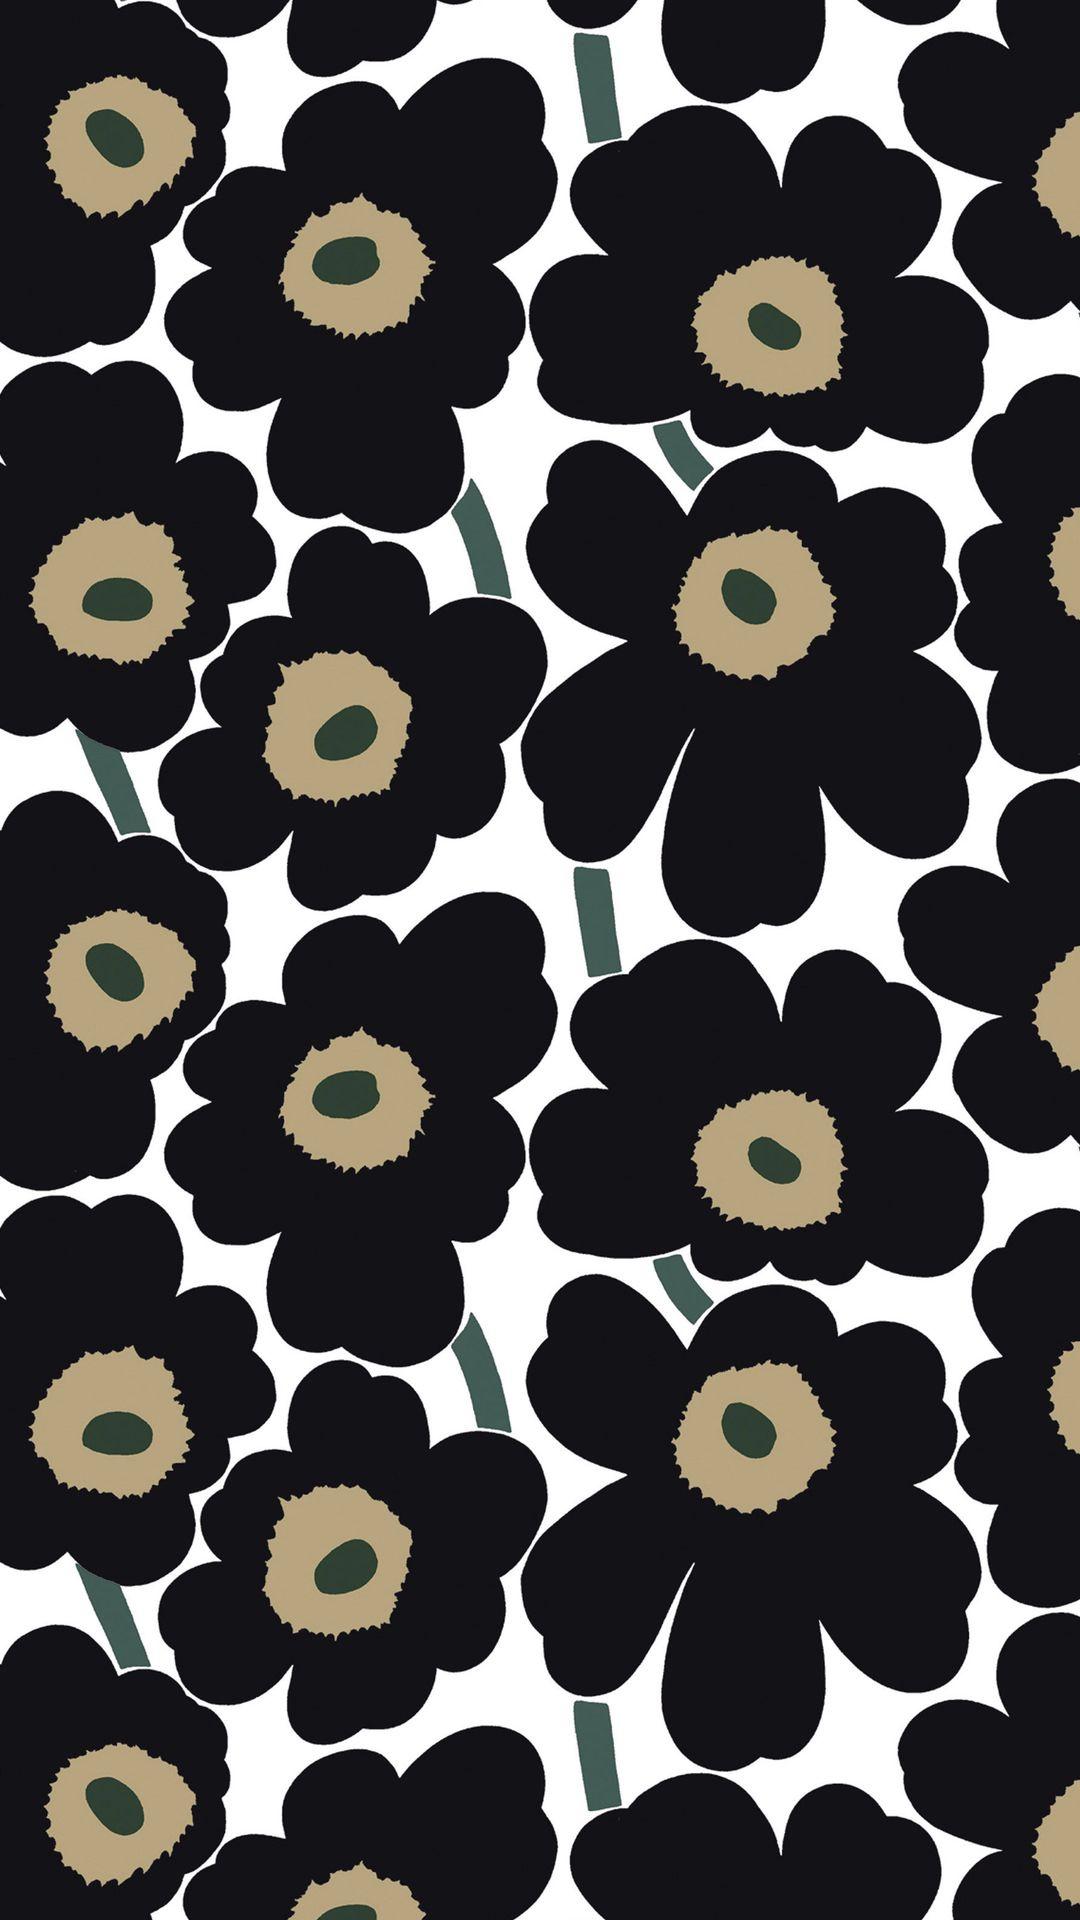 これぞ王道 黒のウニッコのマリメッコ Marimekko Iphone壁紙